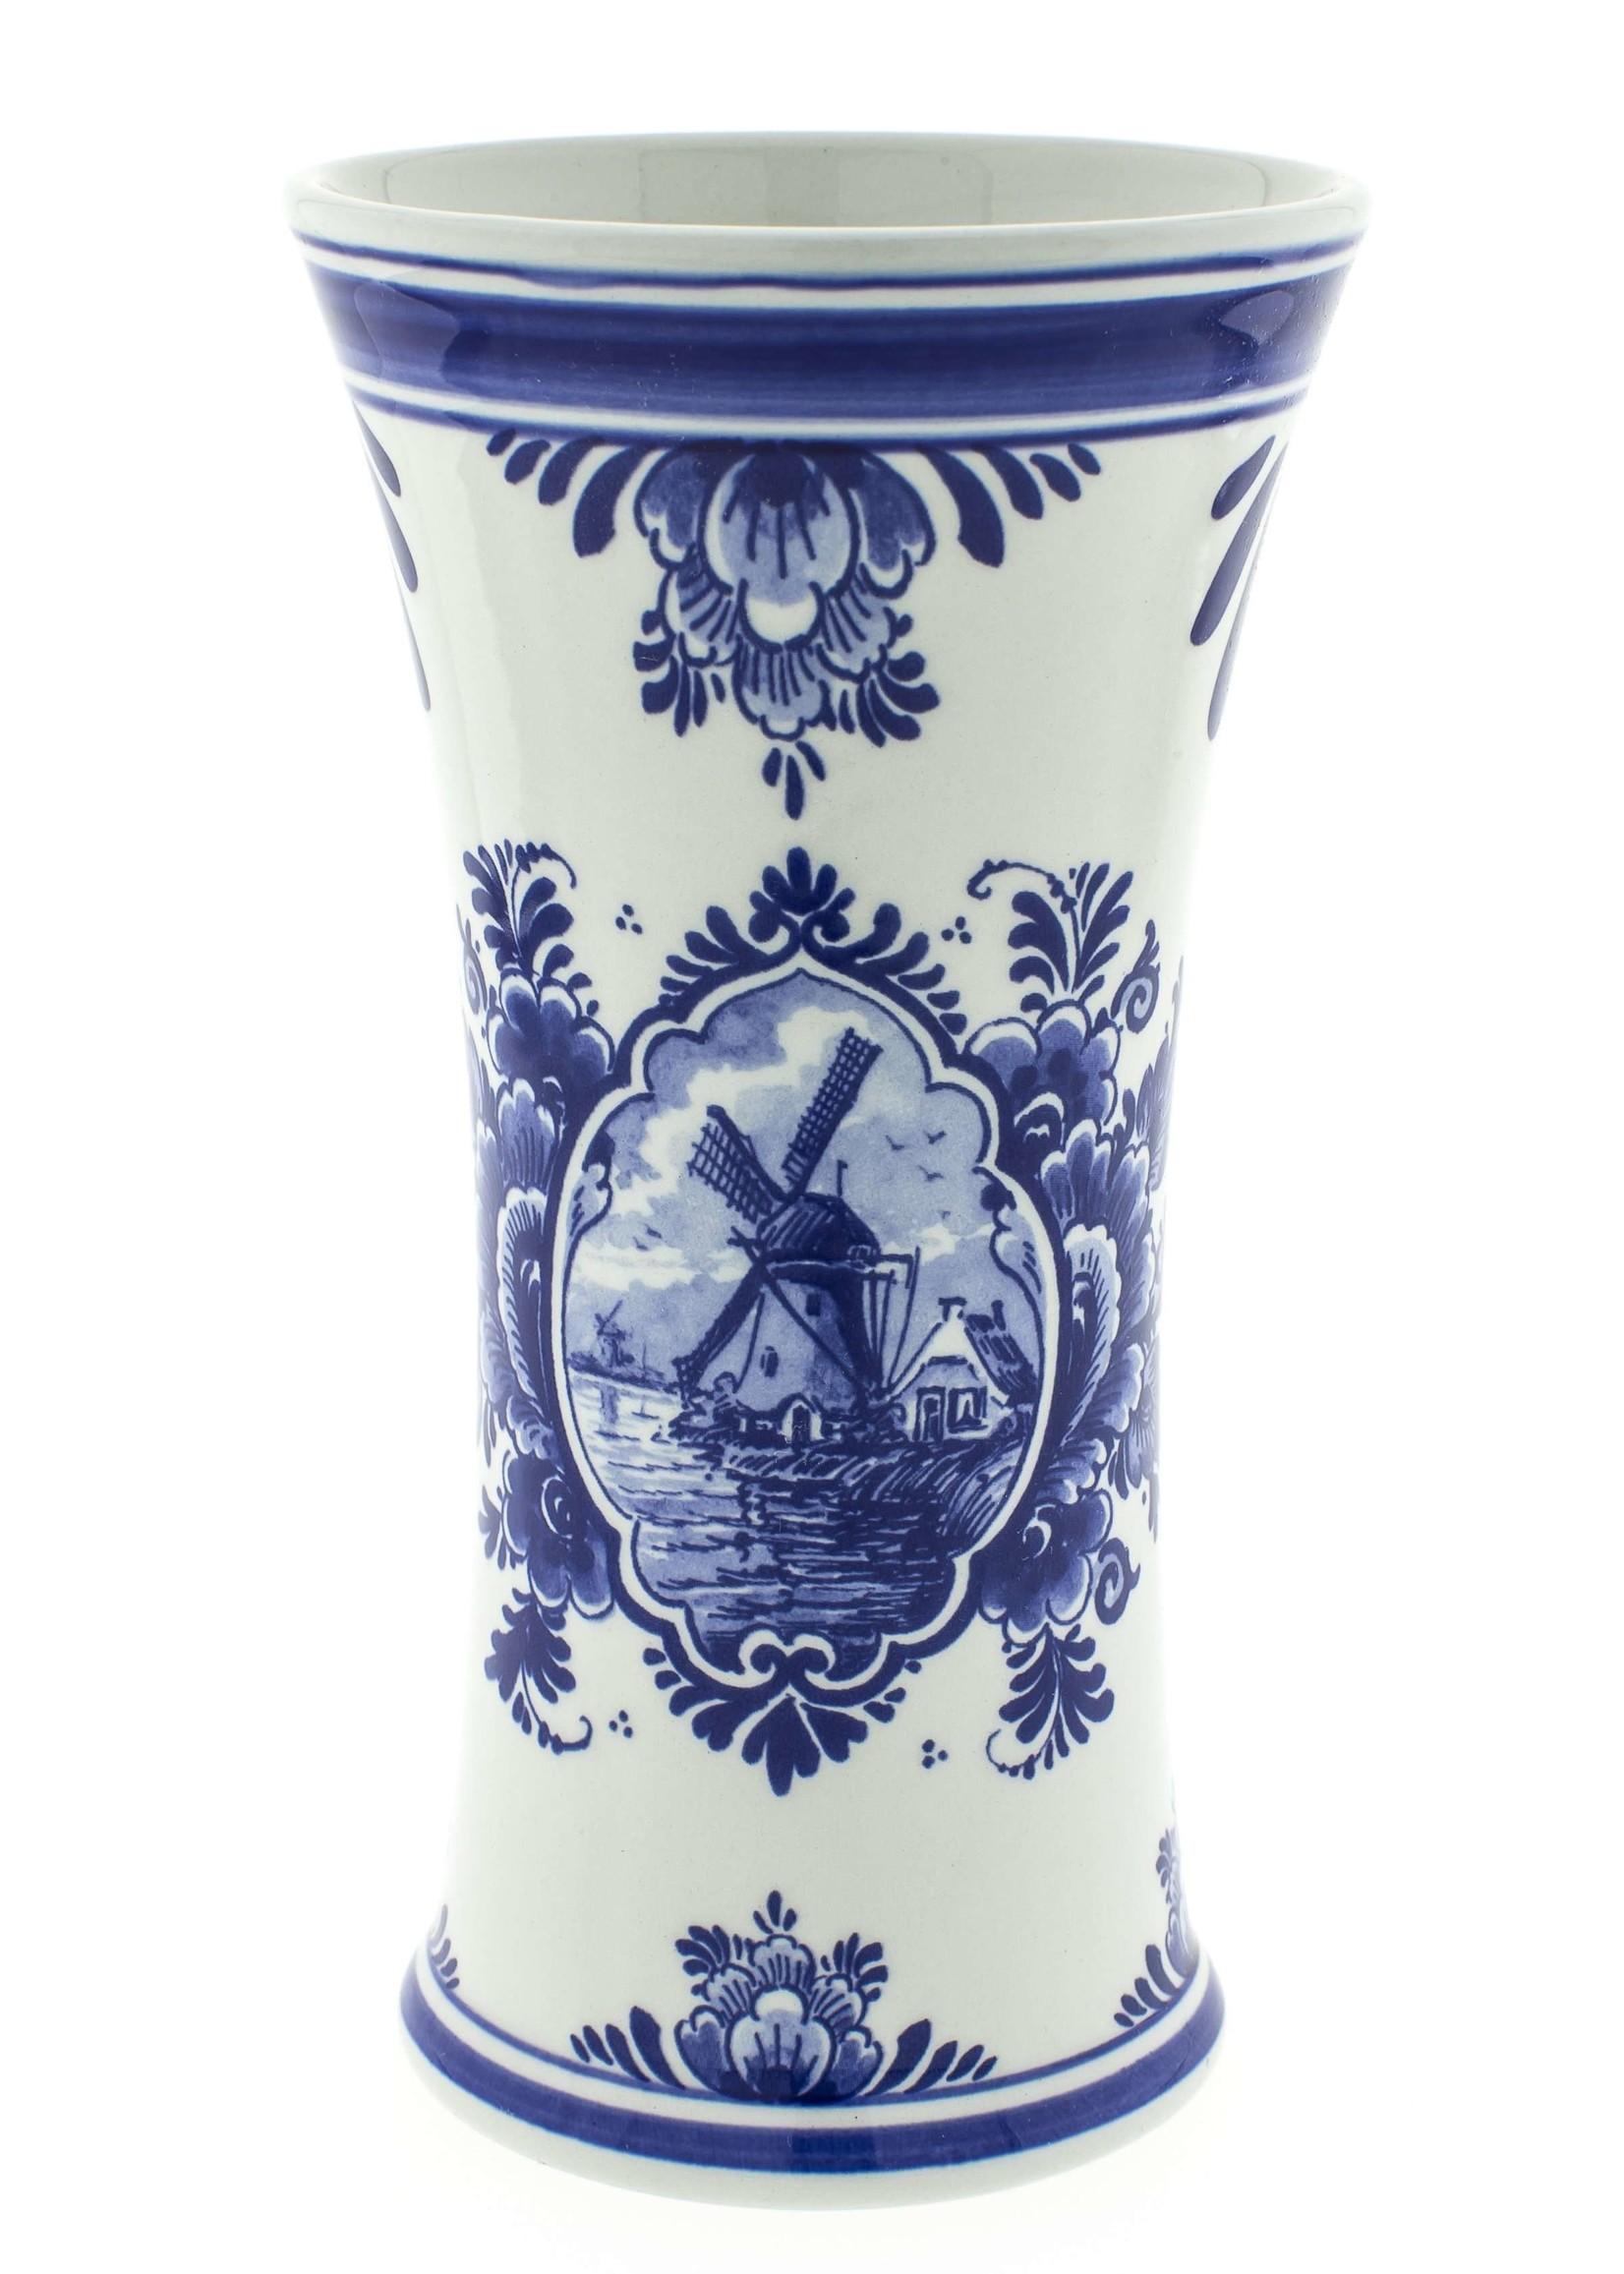 Delfts Blauwe Kelk Vaas met een Windmolen en een Delfts Blauw Bloemmotief, Groot